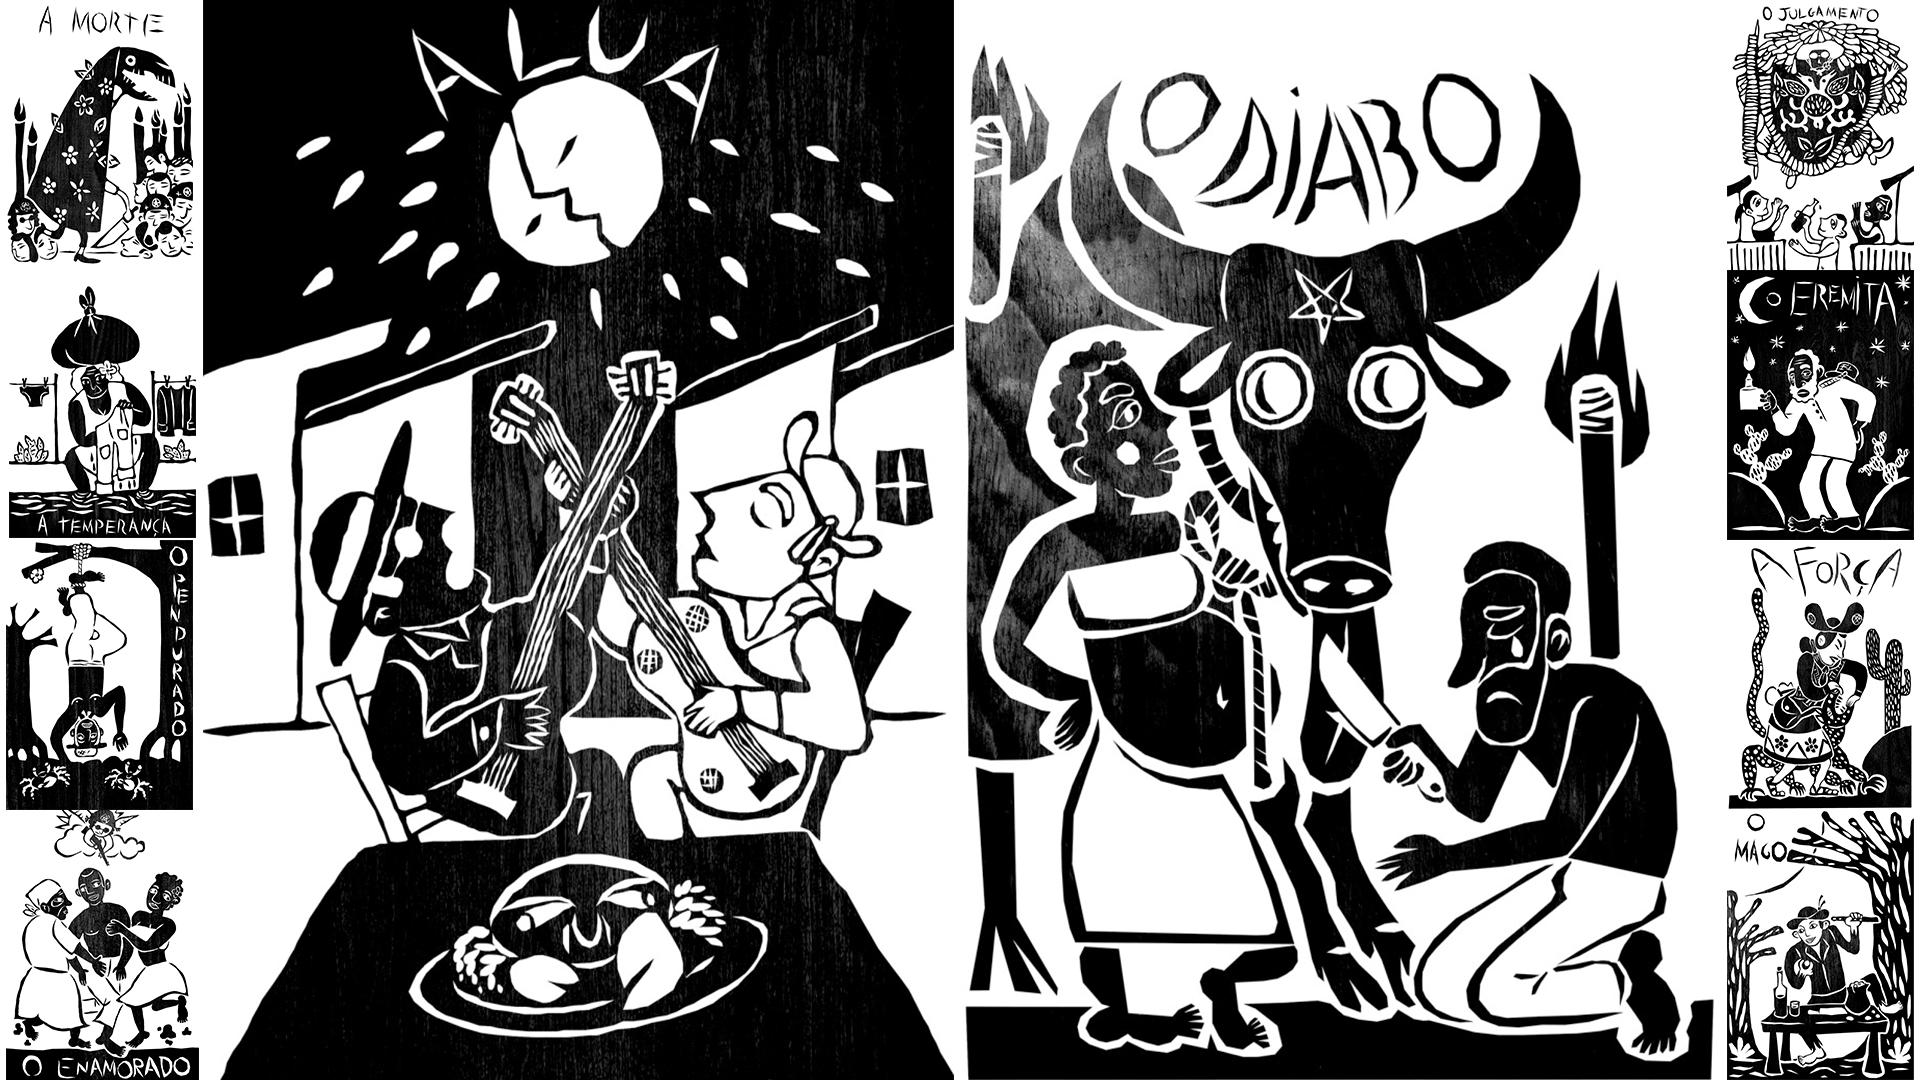 Ilustrador faz releitura do Tarô com temática nordestina